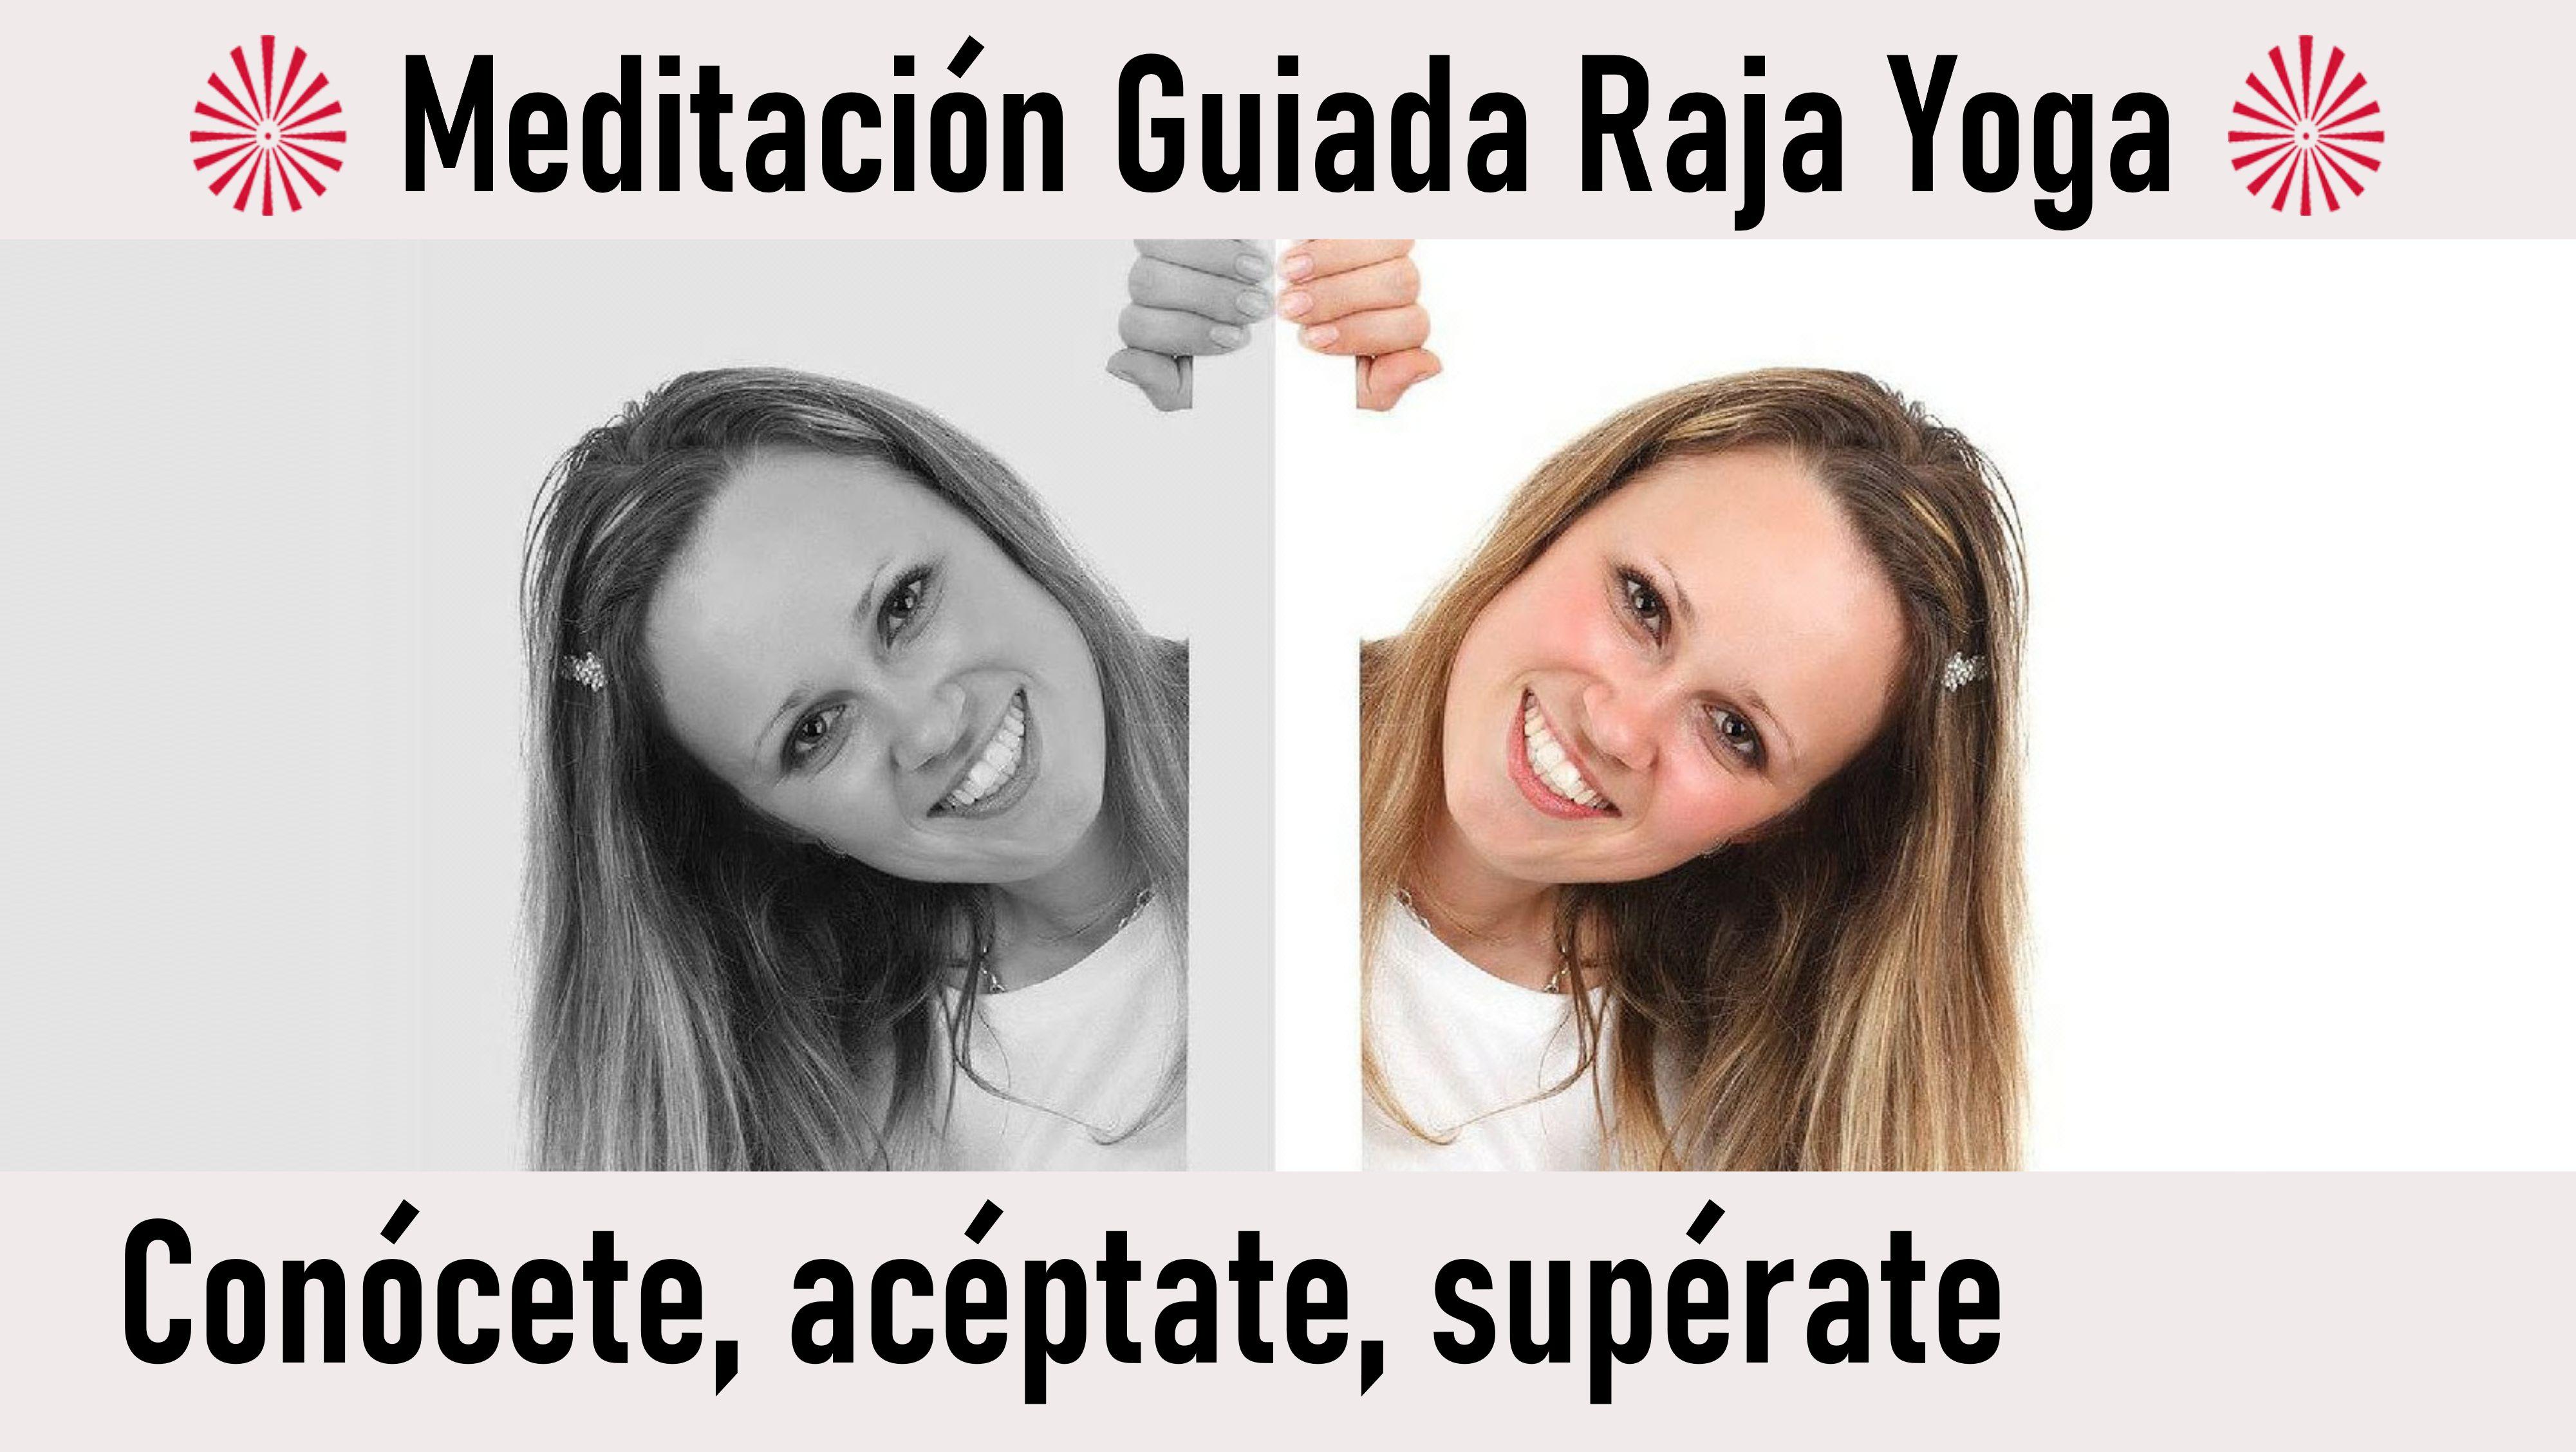 Meditación Raja Yoga: Conócete, acéptate, supérate (28 Julio 2020) On-line desde Mallorca